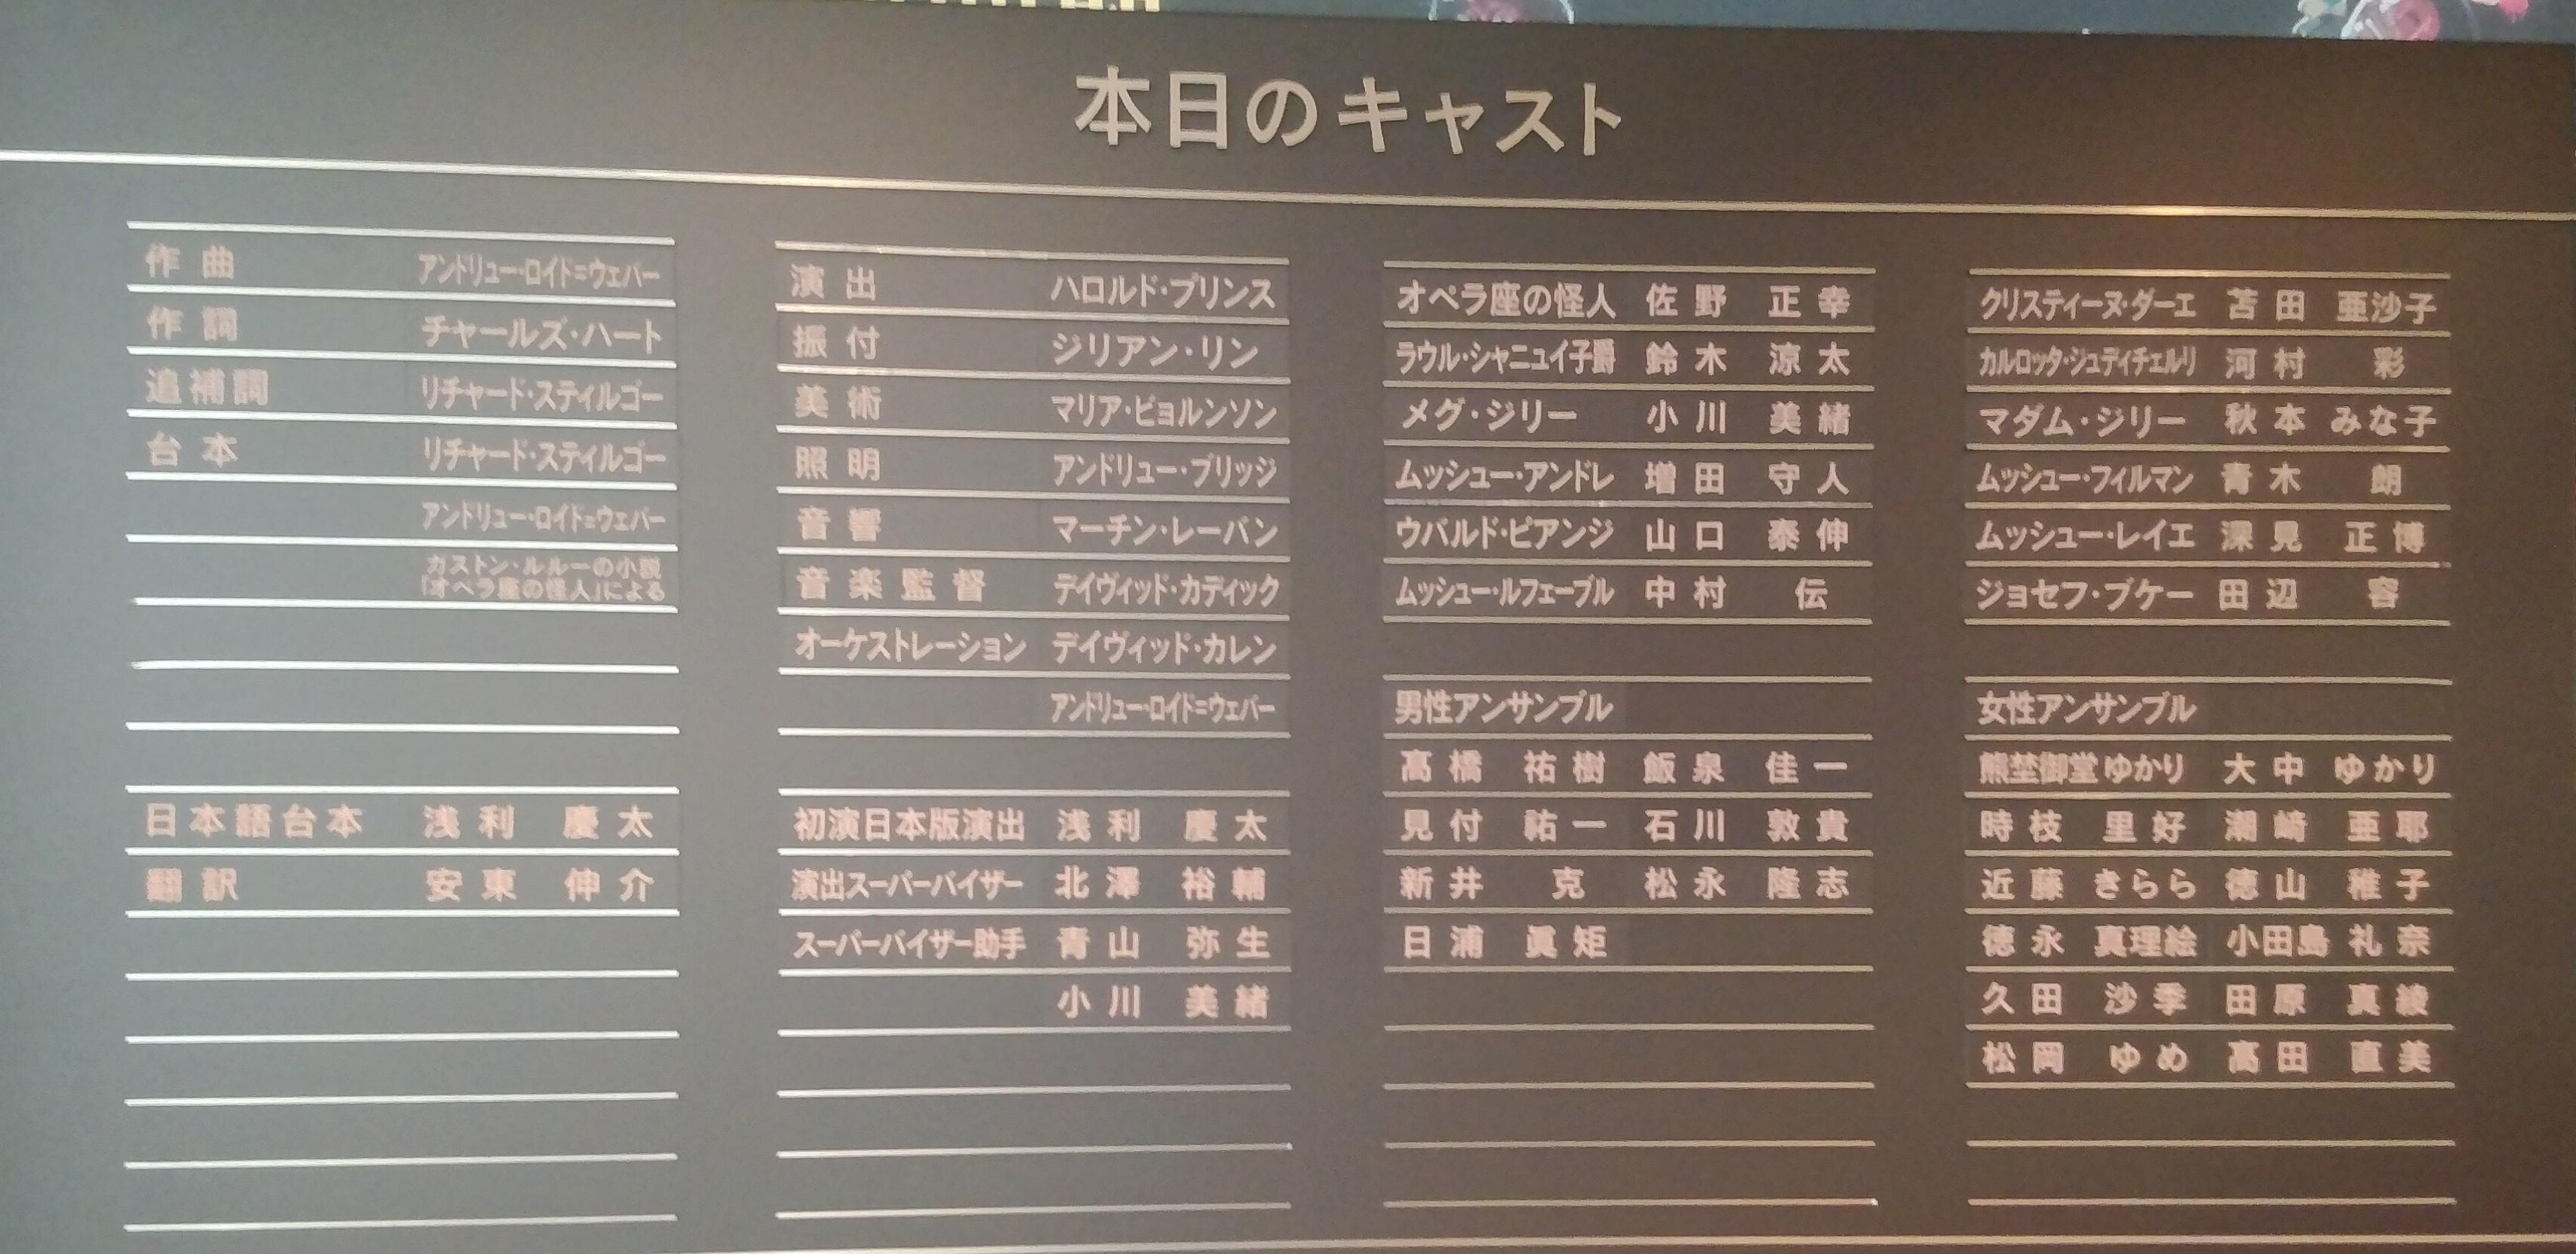 8/24「オペラ座の怪人」マチネ